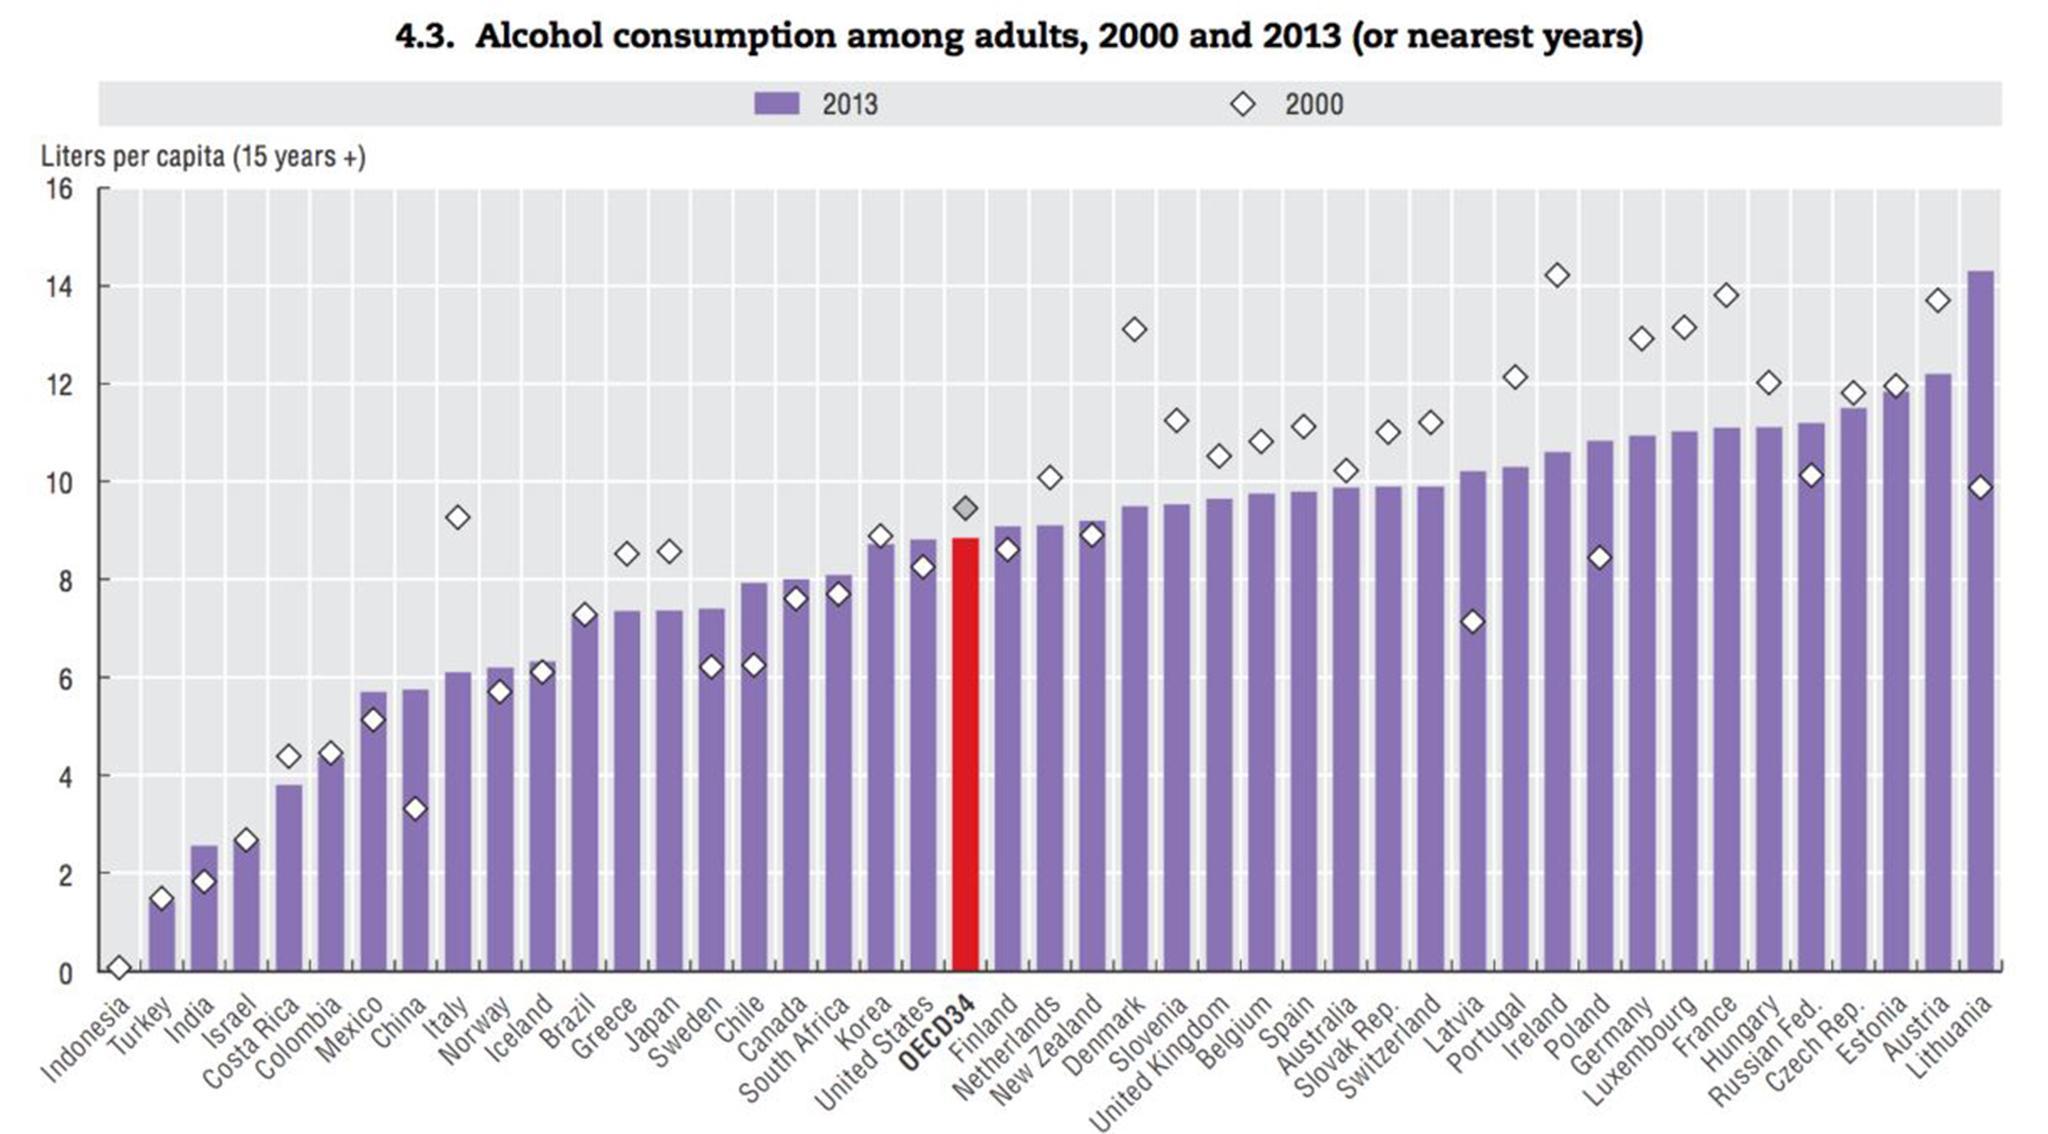 Alkoholin Kulutus Maittain